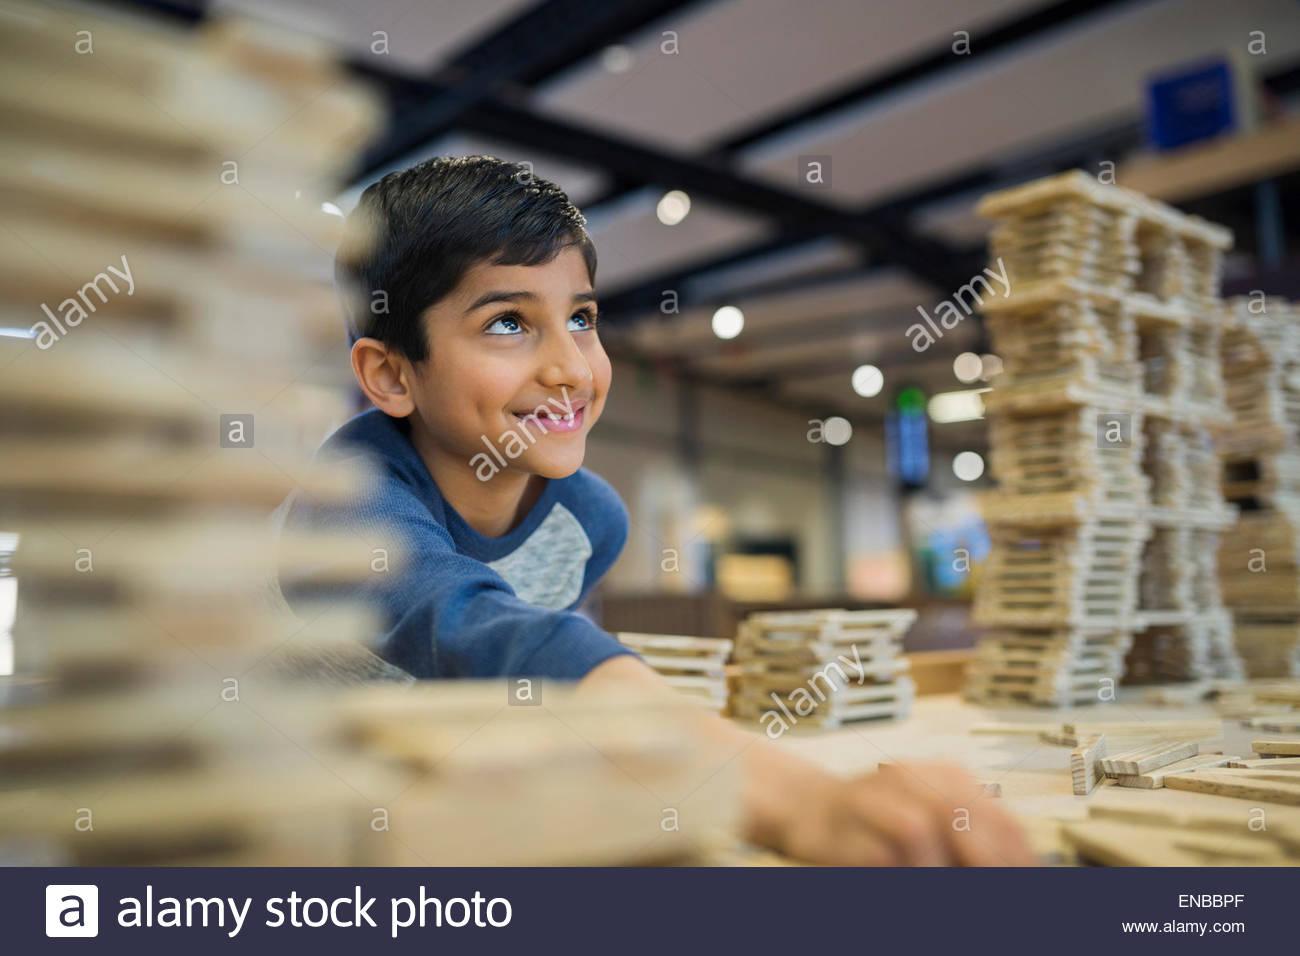 Ragazzo di assemblaggio del blocco di legno struttura al centro di scienze naturali Immagini Stock